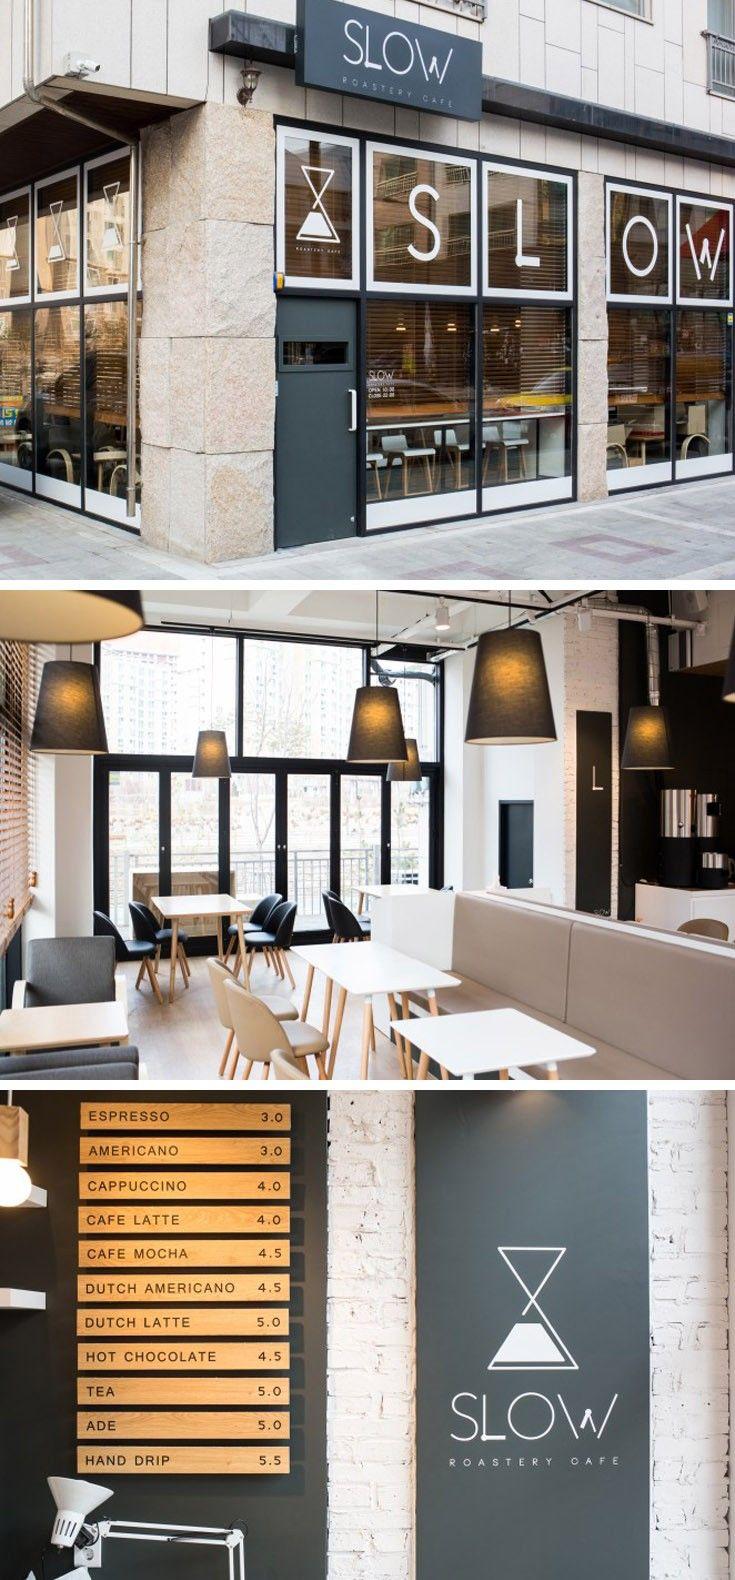 [No.35 슬로우 카페] 케쥬얼 모던 컨셉 예쁜 까페 인테리어 디자인 19평 casual modern cafe interior